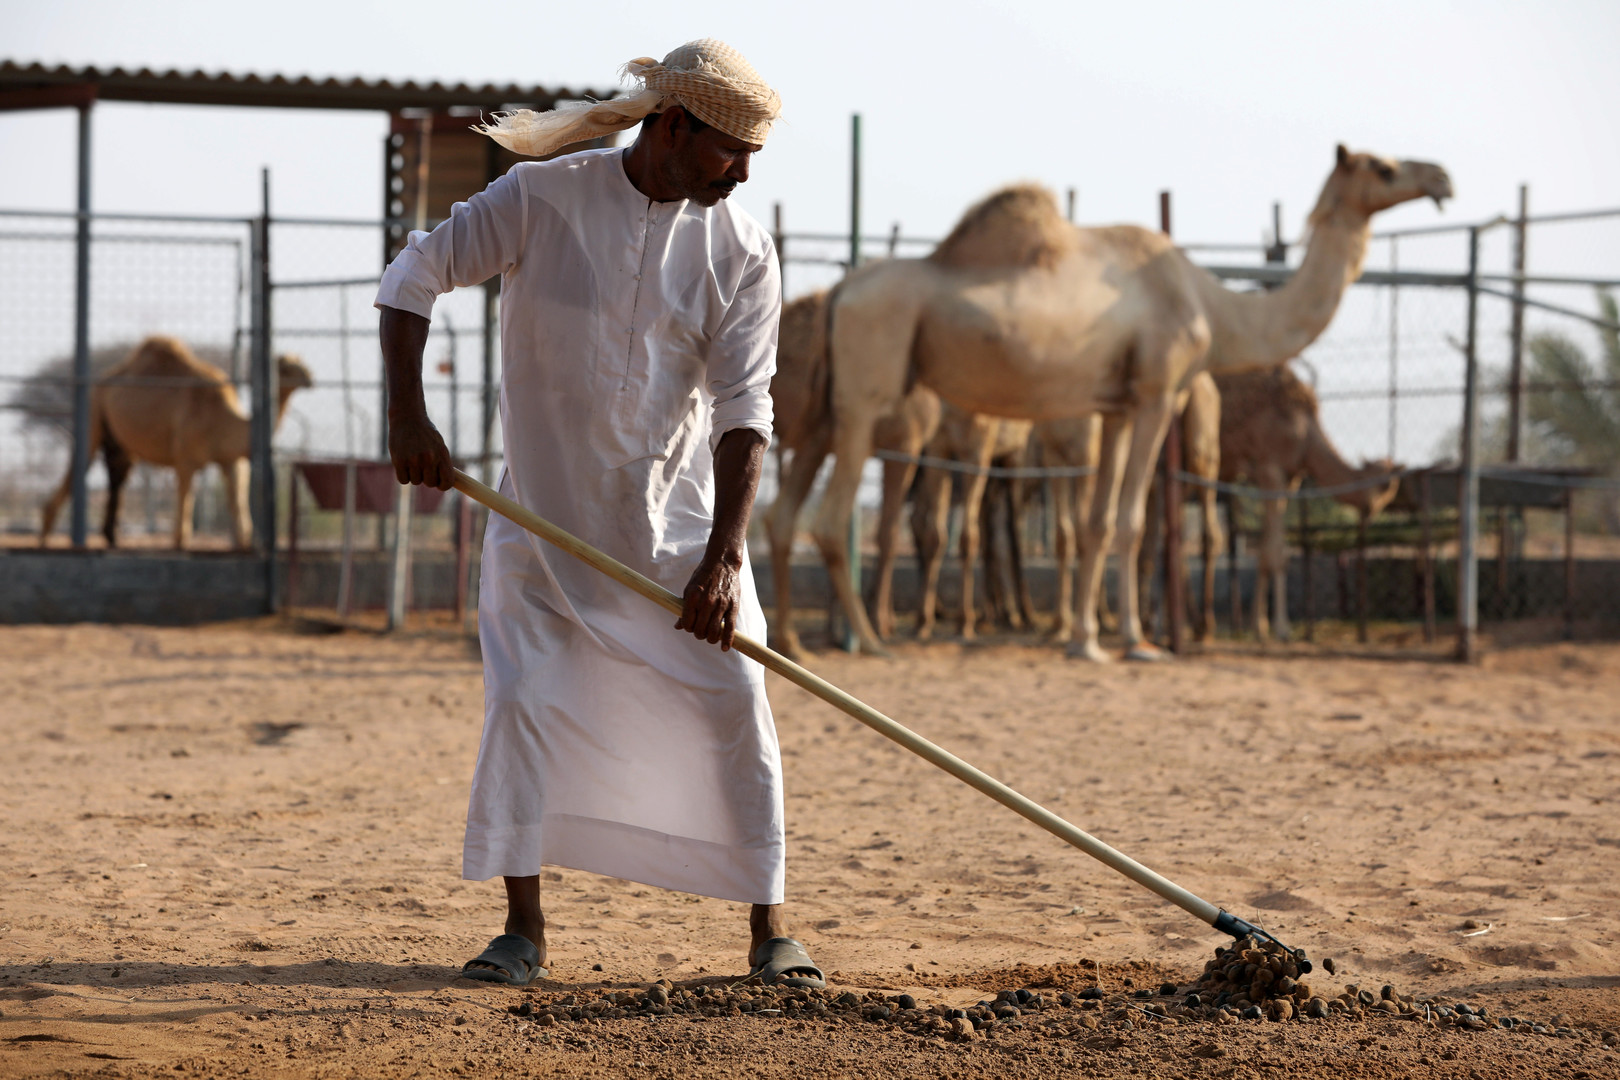 الإمارات.. استخدام روث الإبل كوقود لإنتاج الإسمنت -